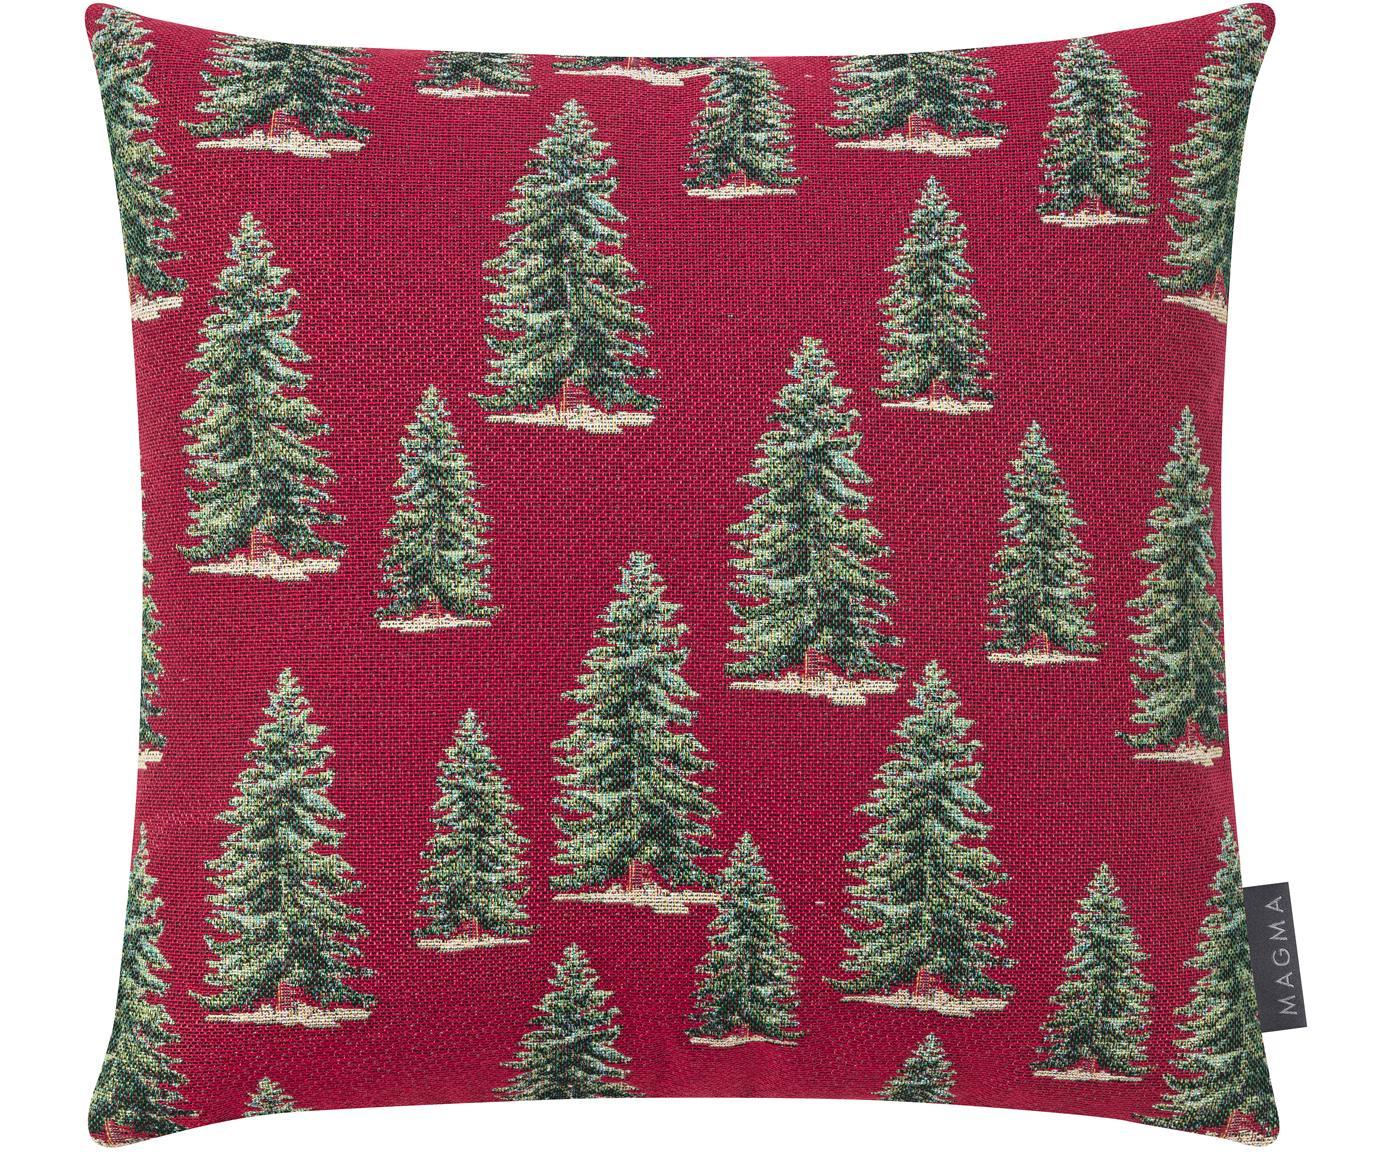 Poszewka na poduszkę Pinetree, Czerwony, zielony, beżowy, S 40 x D 40 cm